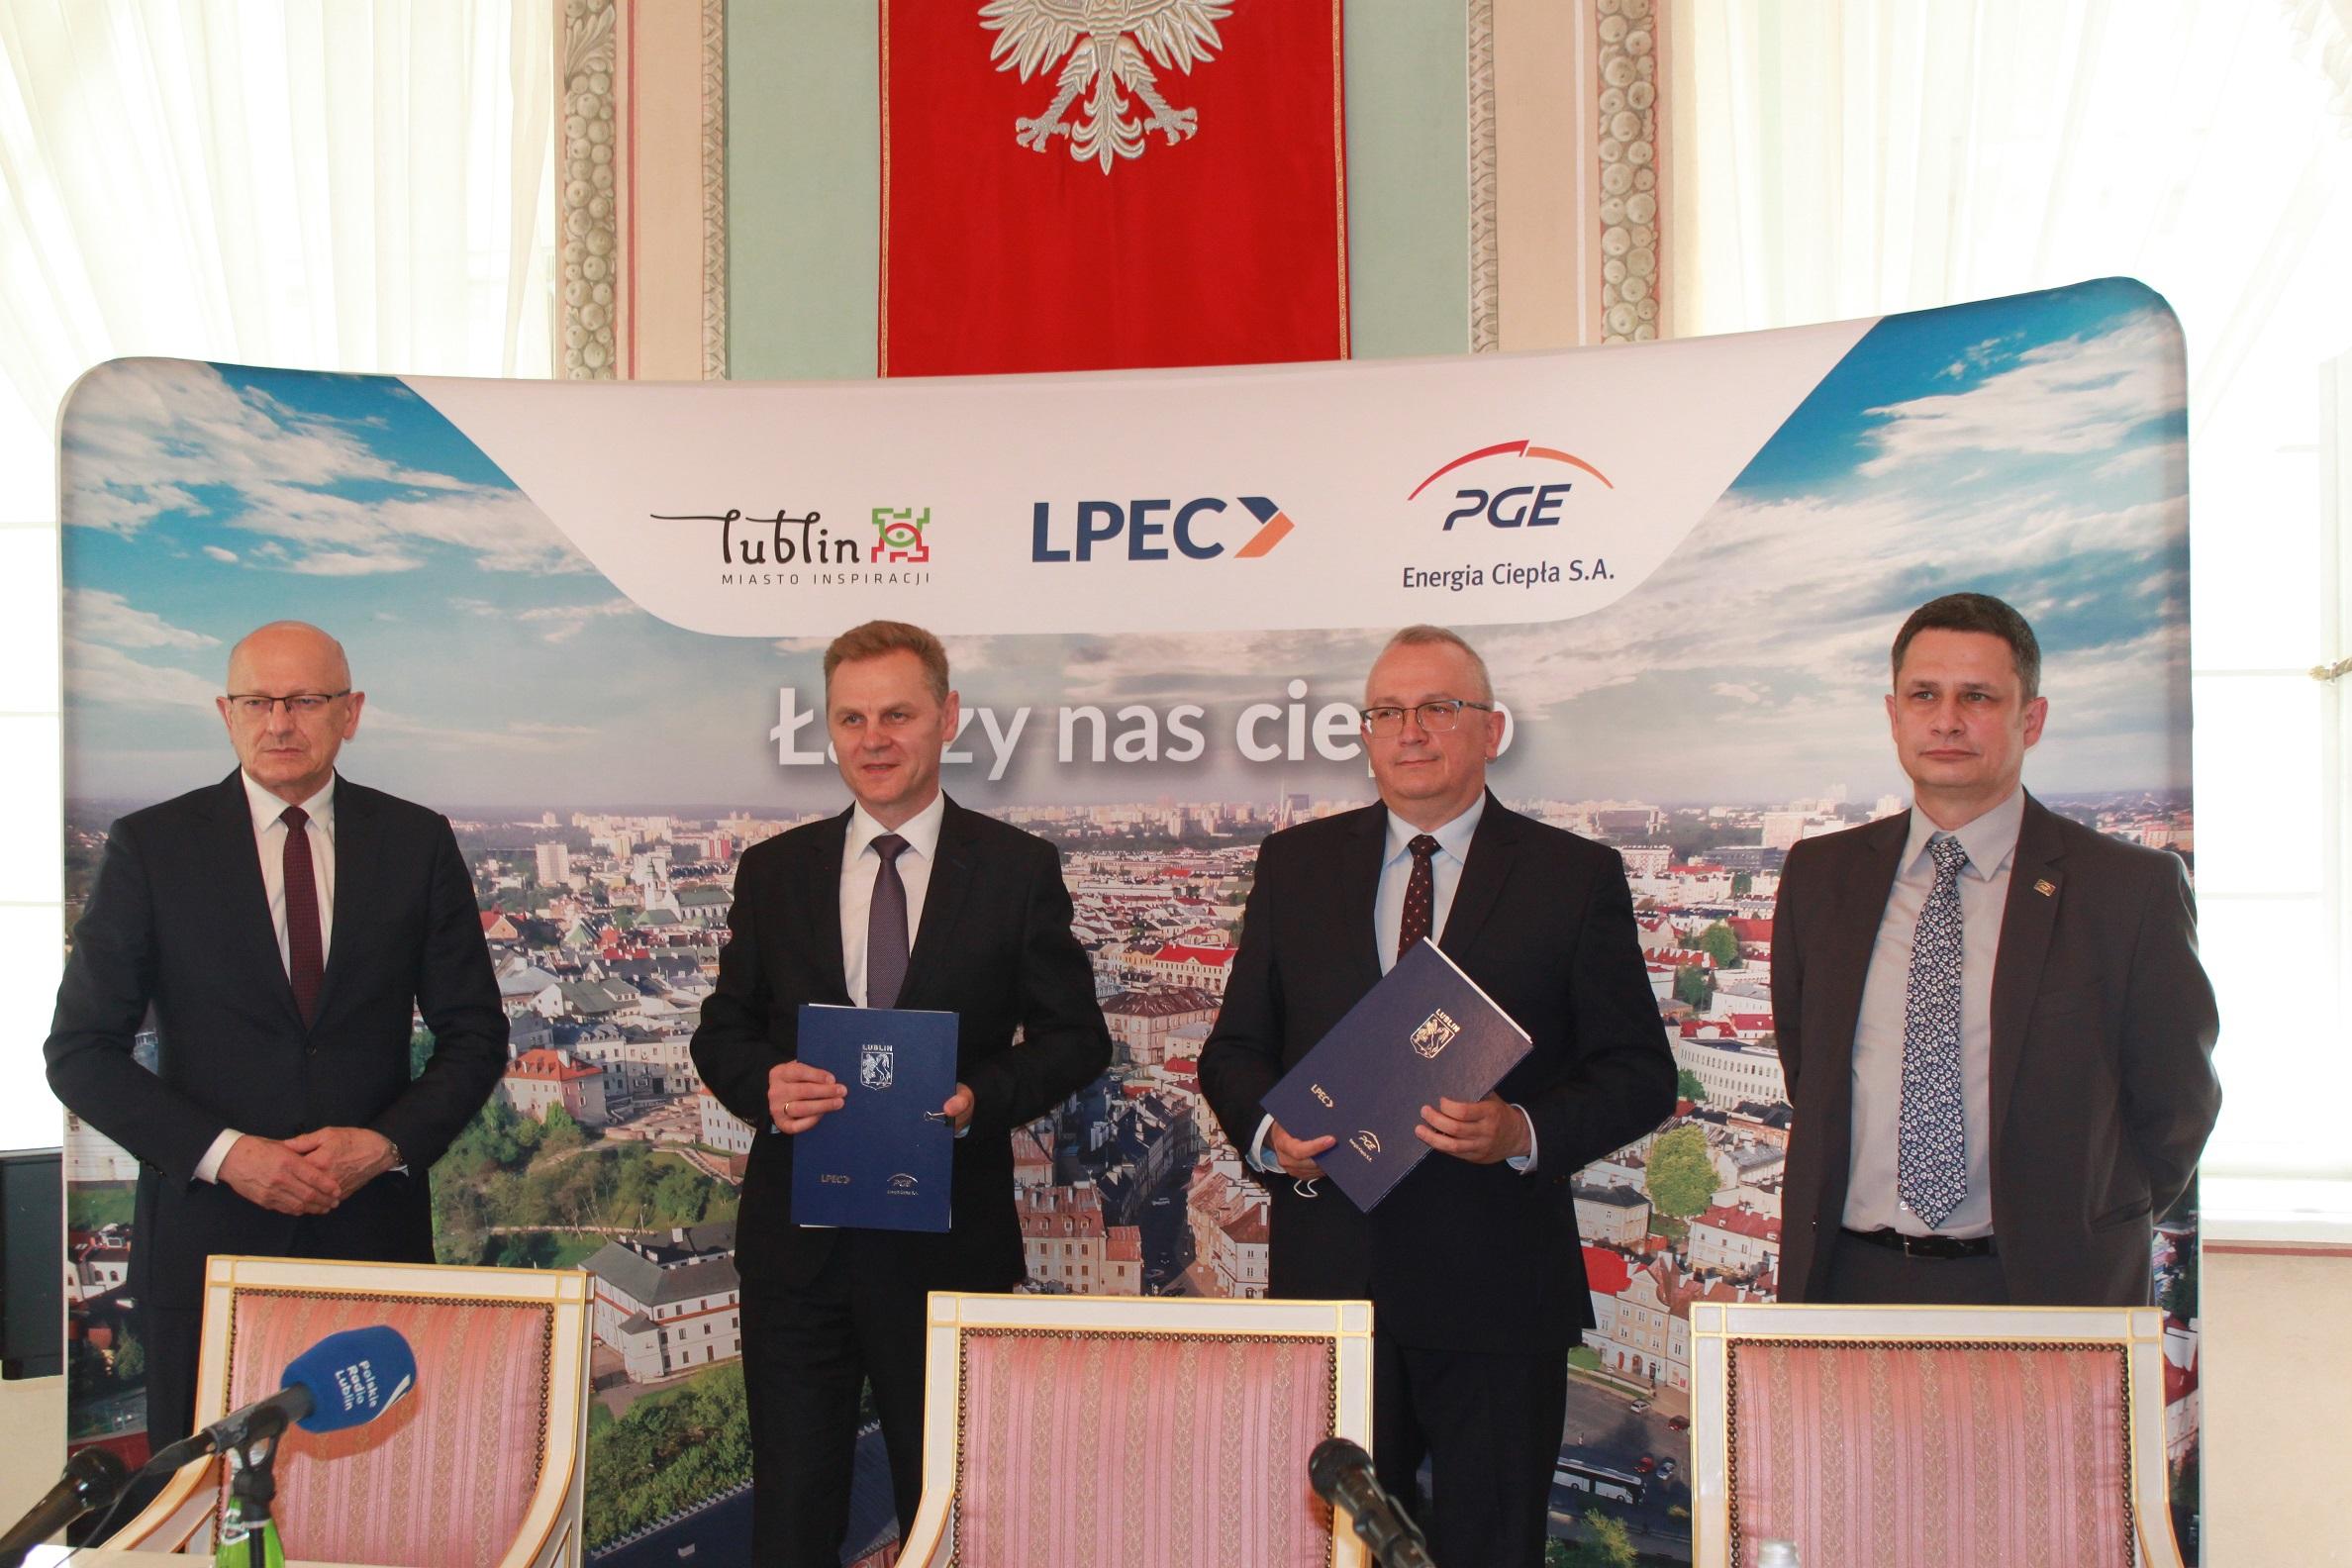 Lublin: miasto z gwarancją dostaw ciepła na kilkanaście lat. Podpisano umowę z LPEC i PGE - Zdjęcie główne